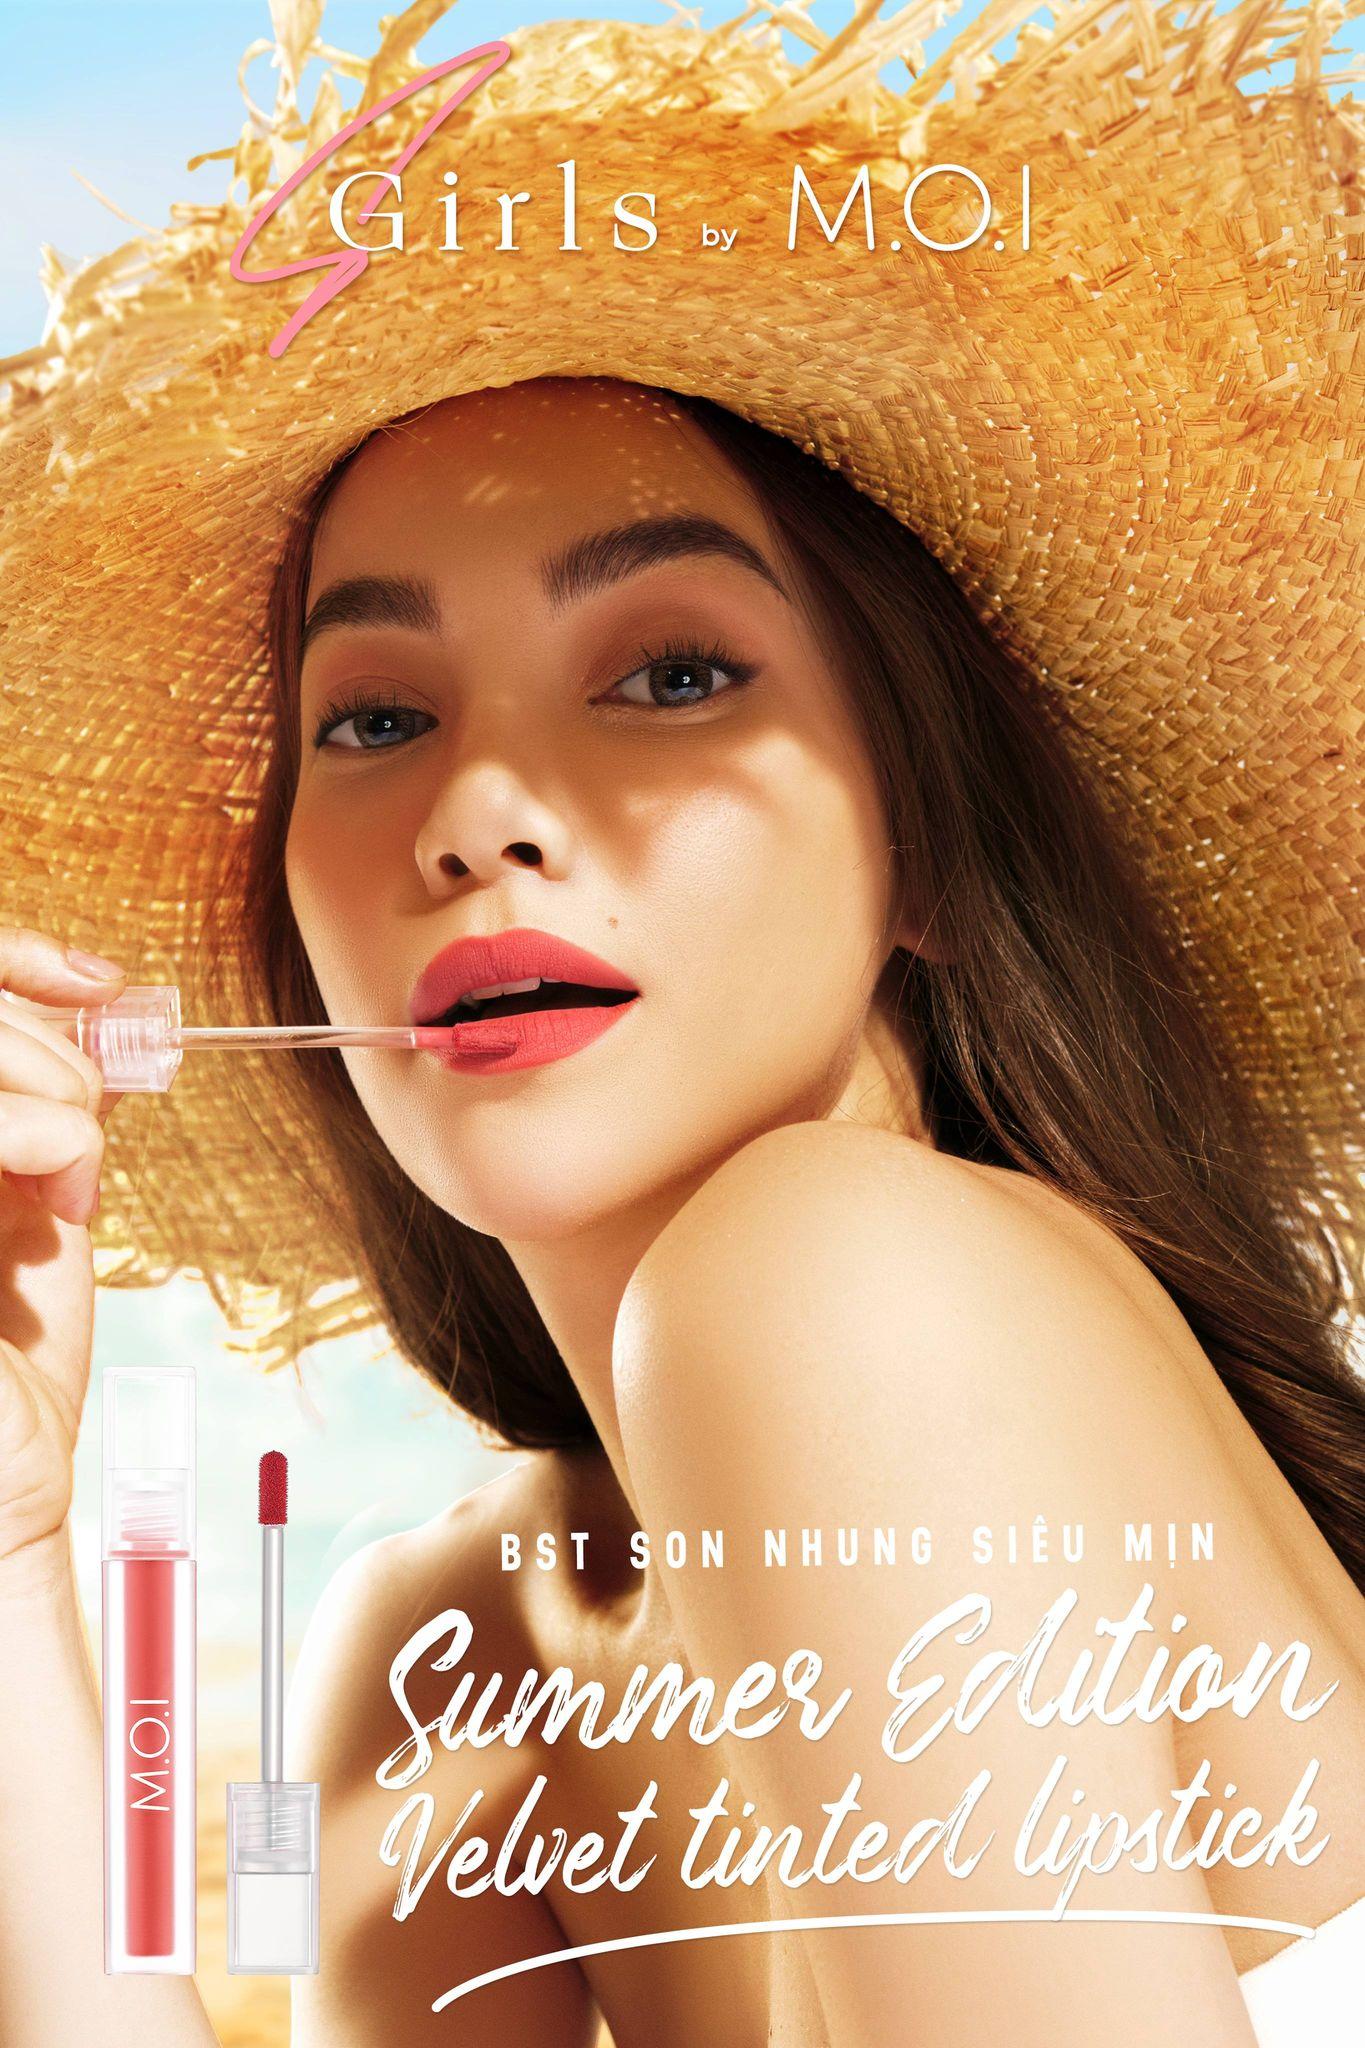 Son Sgirls - M.O.I Cosmetics